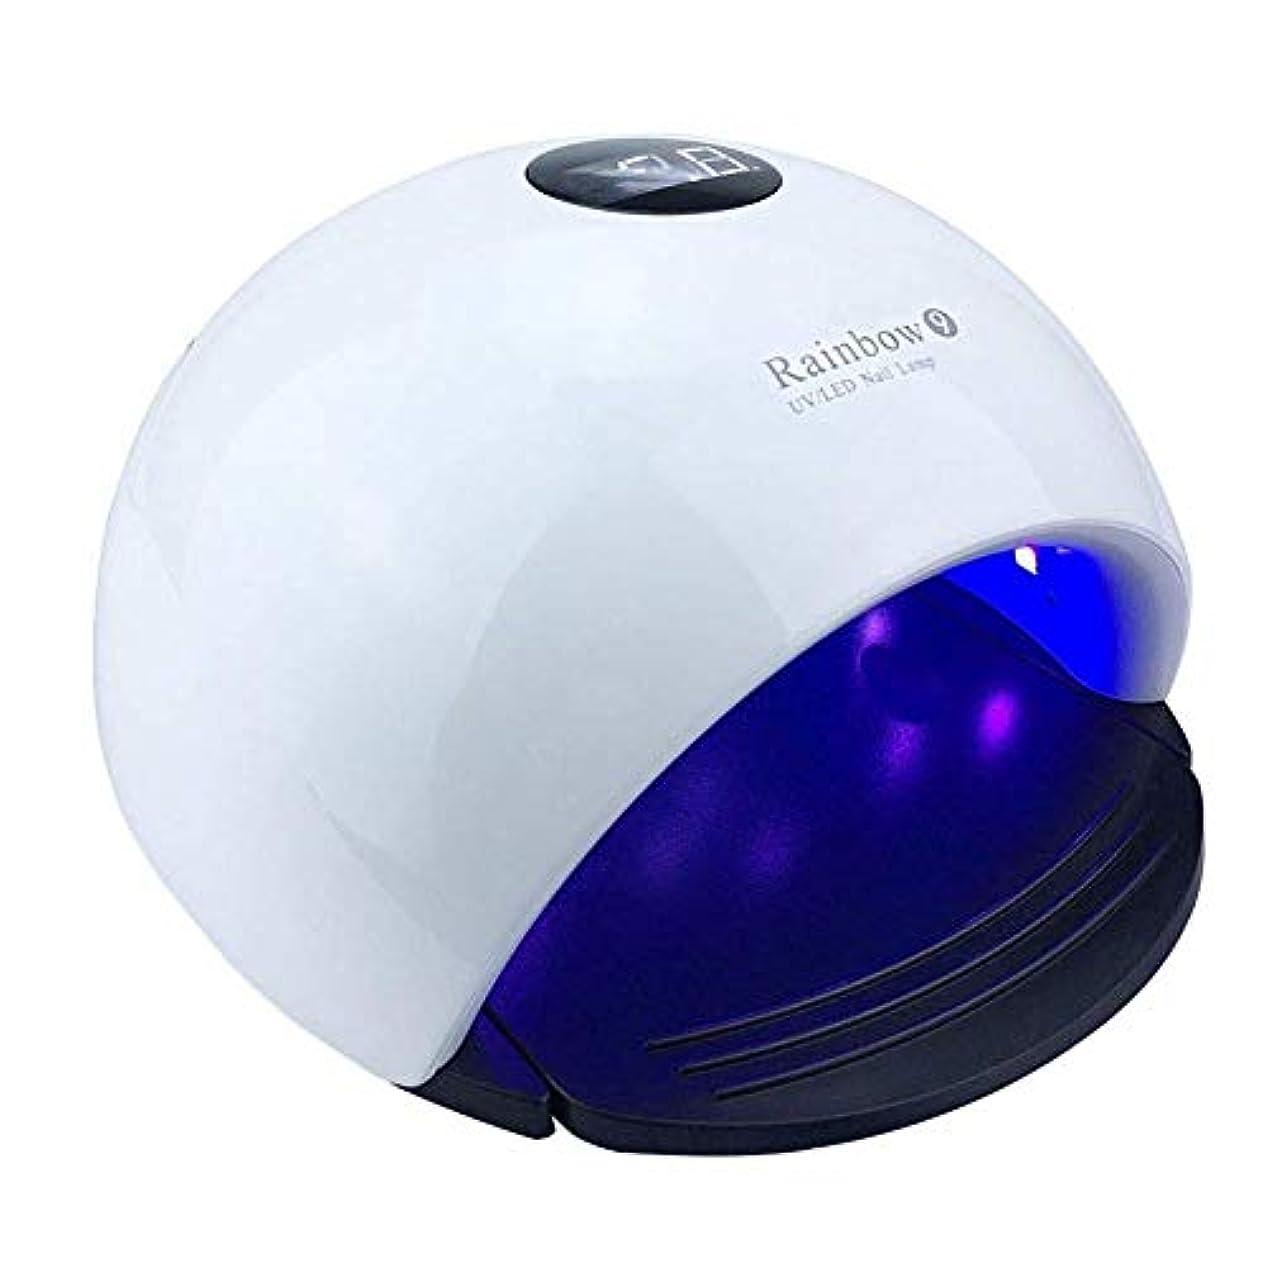 転用連隊対応するネイルドライヤーRainbow 9 UV Light 48Wネイルドライヤー24個入りLEDランプネイル用UV LEDネイルランプジェルネイル用硬化ポリッシュマニキュアツール、写真の色